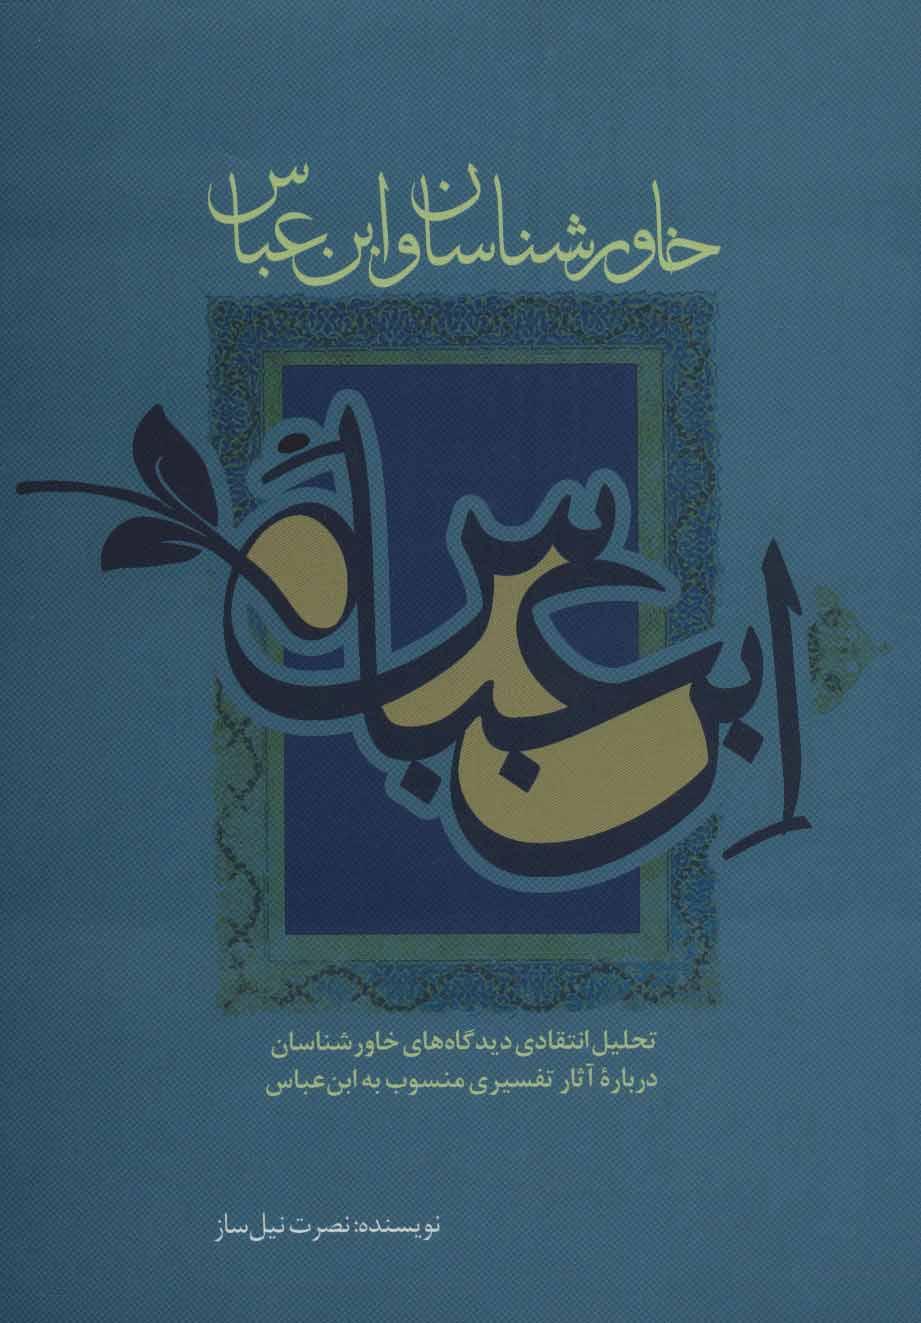 خاورشناسان و ابن عباس (تحلیل انتقادی دیدگاه های خاورشناسان درباره آثار تفسیری منسوب به ابن عباس)